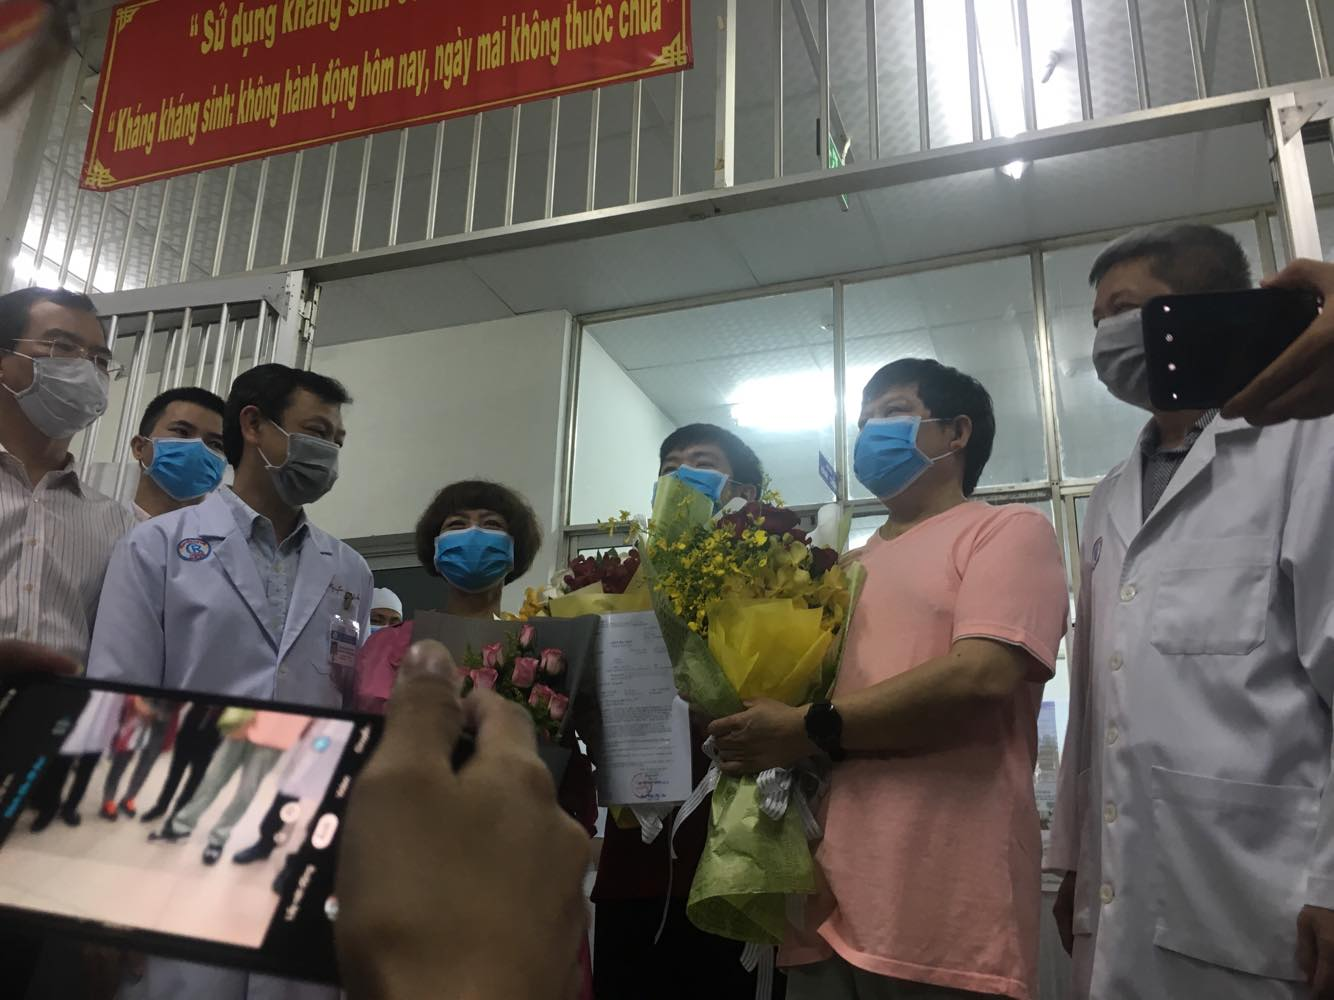 Ông Li Ding, đến từ Vũ Hán, Trung Quốc - bệnh nhân nhiễm Covid đầu tiên ở Việt Nam - đã được các bác sĩ Bệnh viện Chờ Rẫy chữa khỏi và xuất viện vào ngày